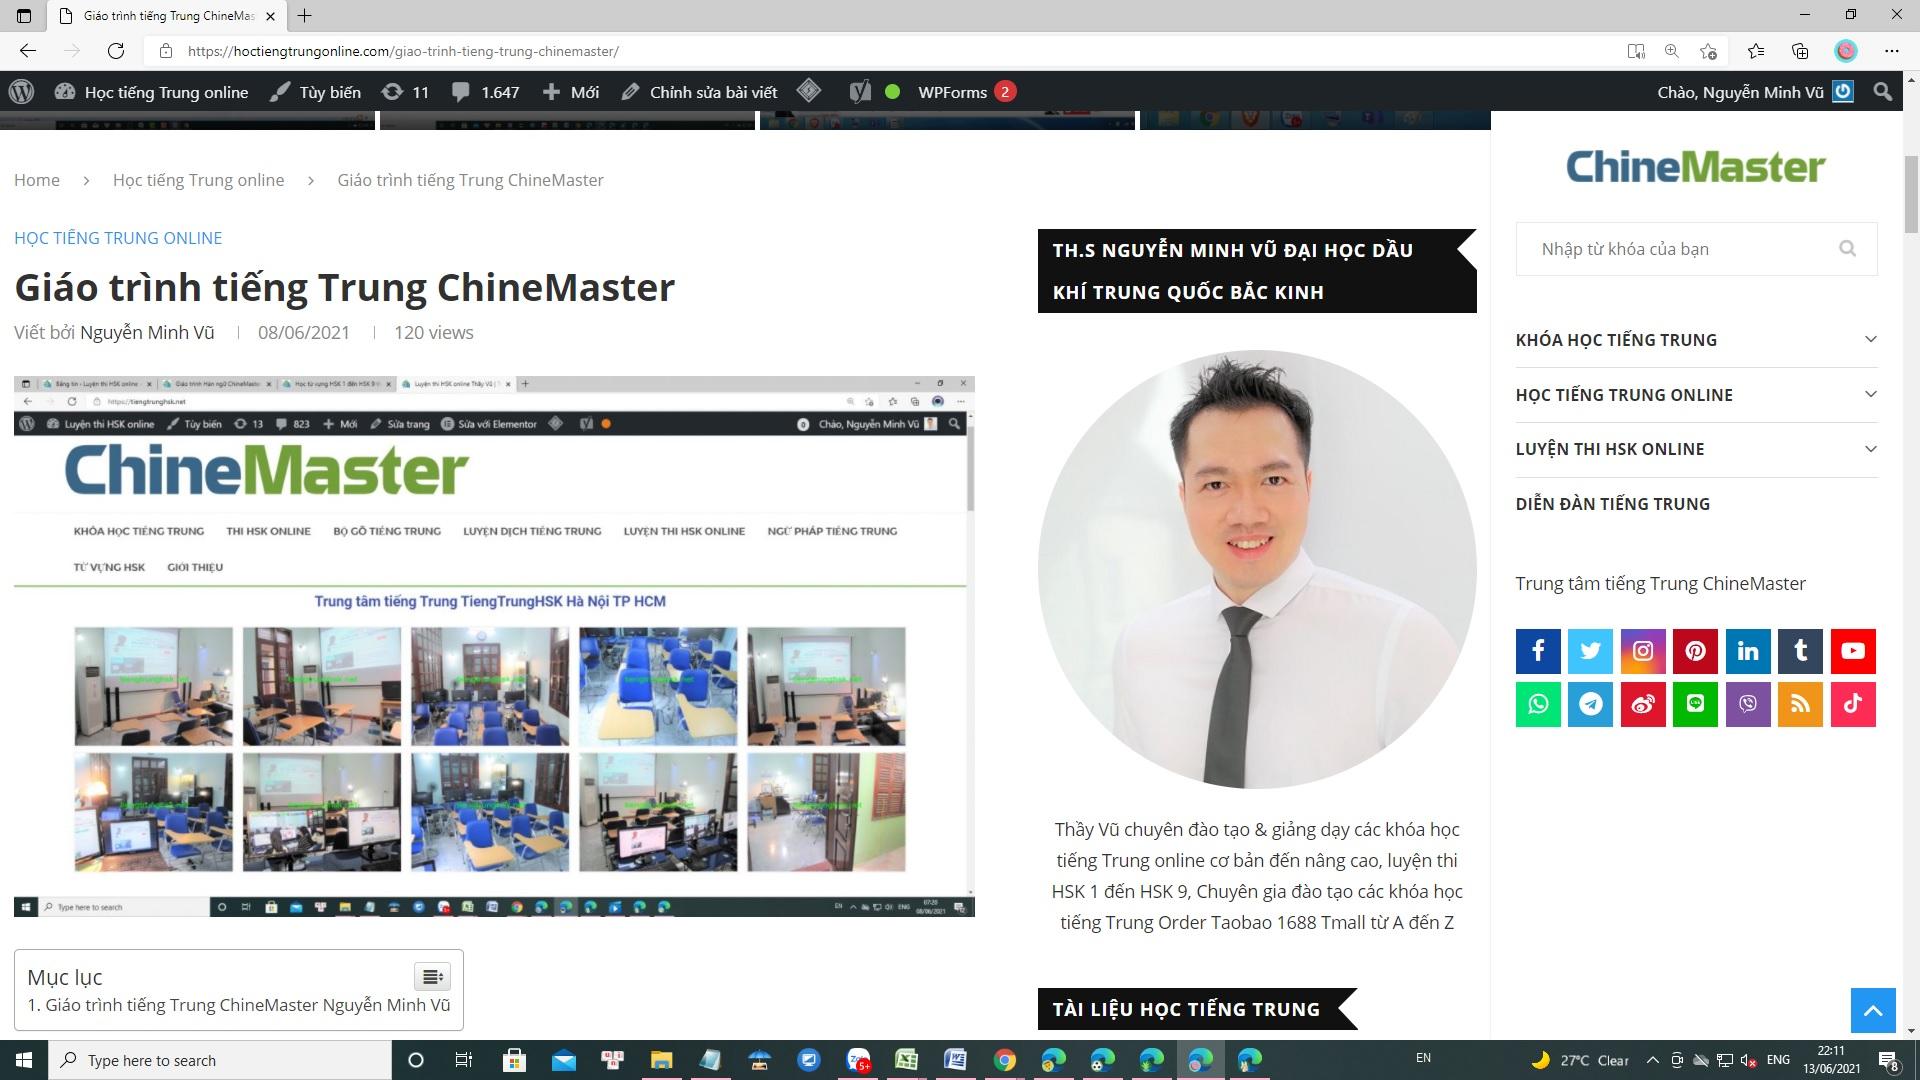 Giáo trình tiếng Trung ChineMaster 9 quyển - Giáo trình tiếng Trung tốt nhất - Giáo trình tiếng Trung thông dụng nhất - Giáo trình tiếng Trung uy tín nhất luyện thi HSK 9 cấp